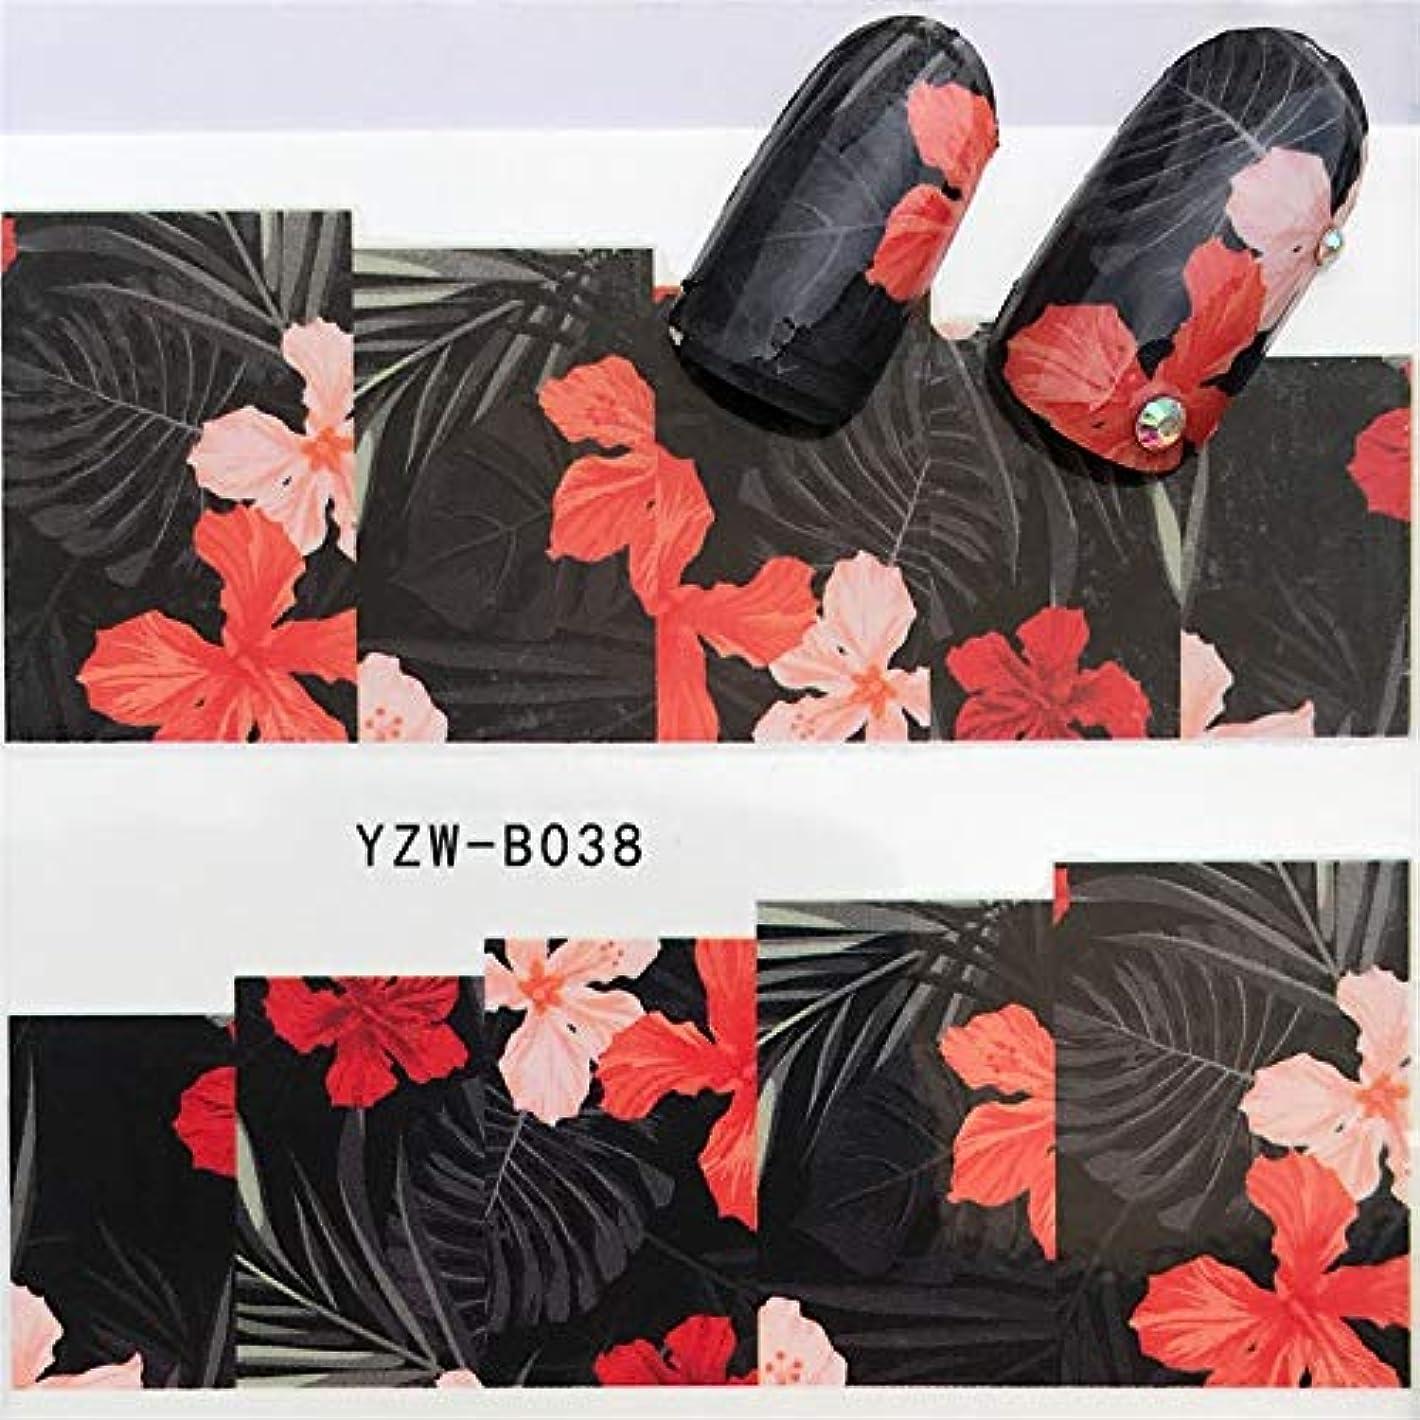 宣言する数学弁護ビューティー&パーソナルケア 3個ネイルステッカーセットデカール水転写スライダーネイルアートデコレーション、色:YZWB038 ステッカー&デカール